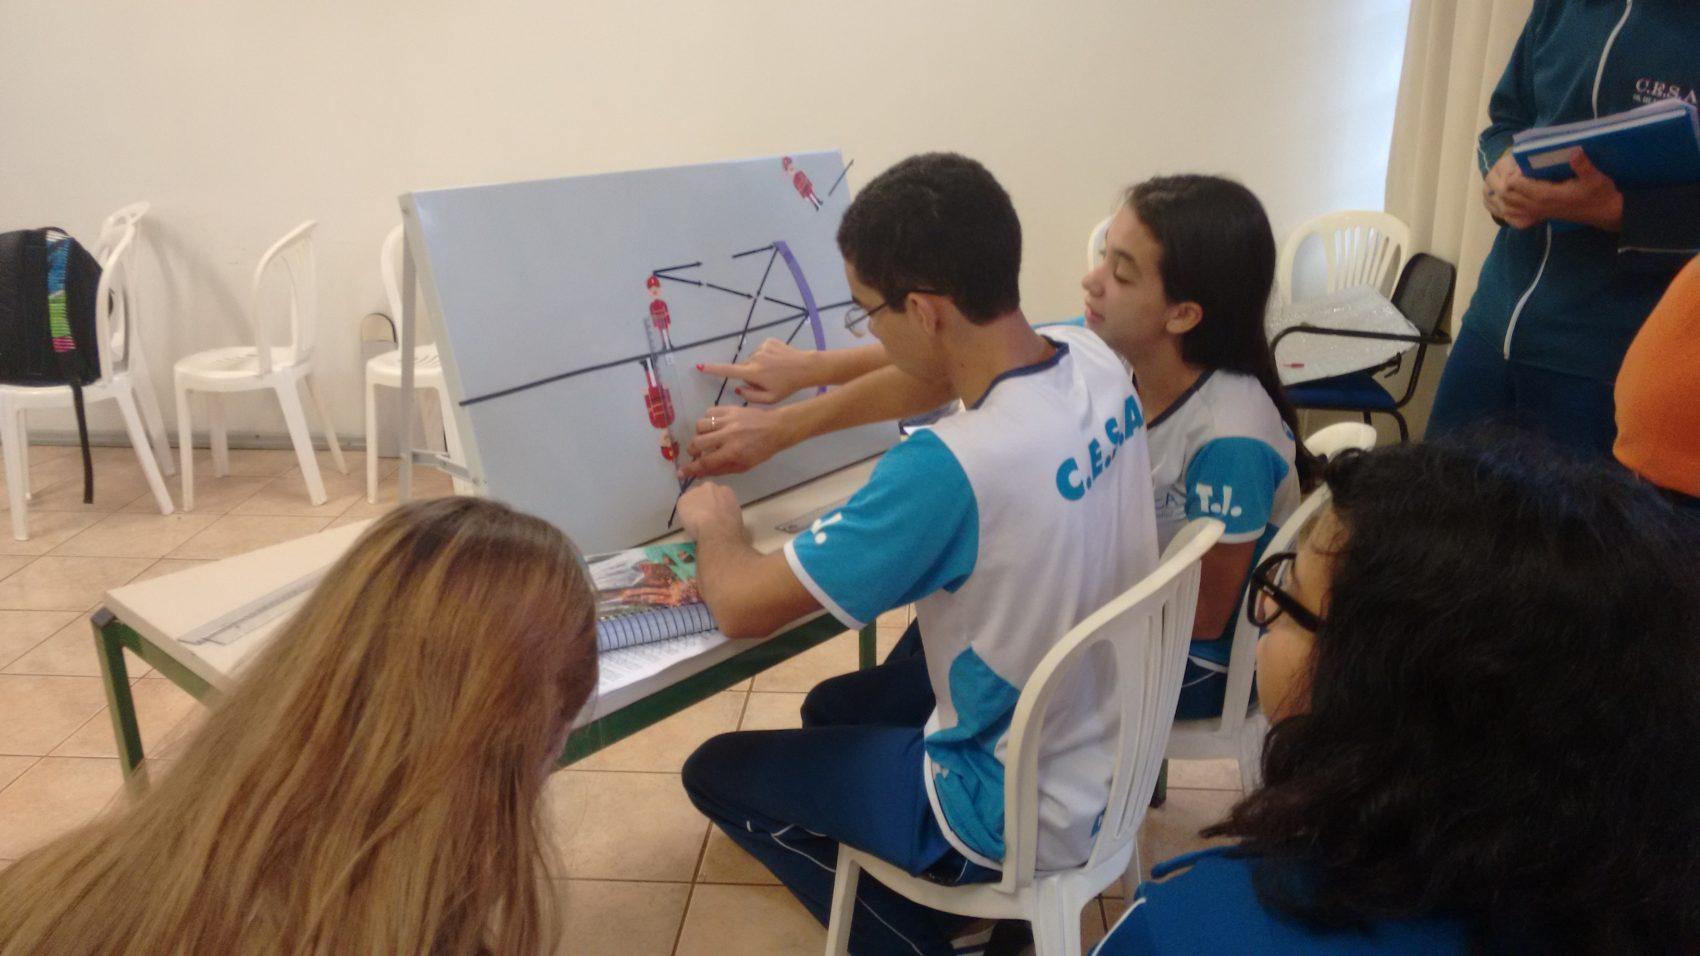 Alunos com deficiência visual acompanham aula de matemática: site desenvolvido na UFPR ajuda professores (Foto: UFPR/Divulgação)